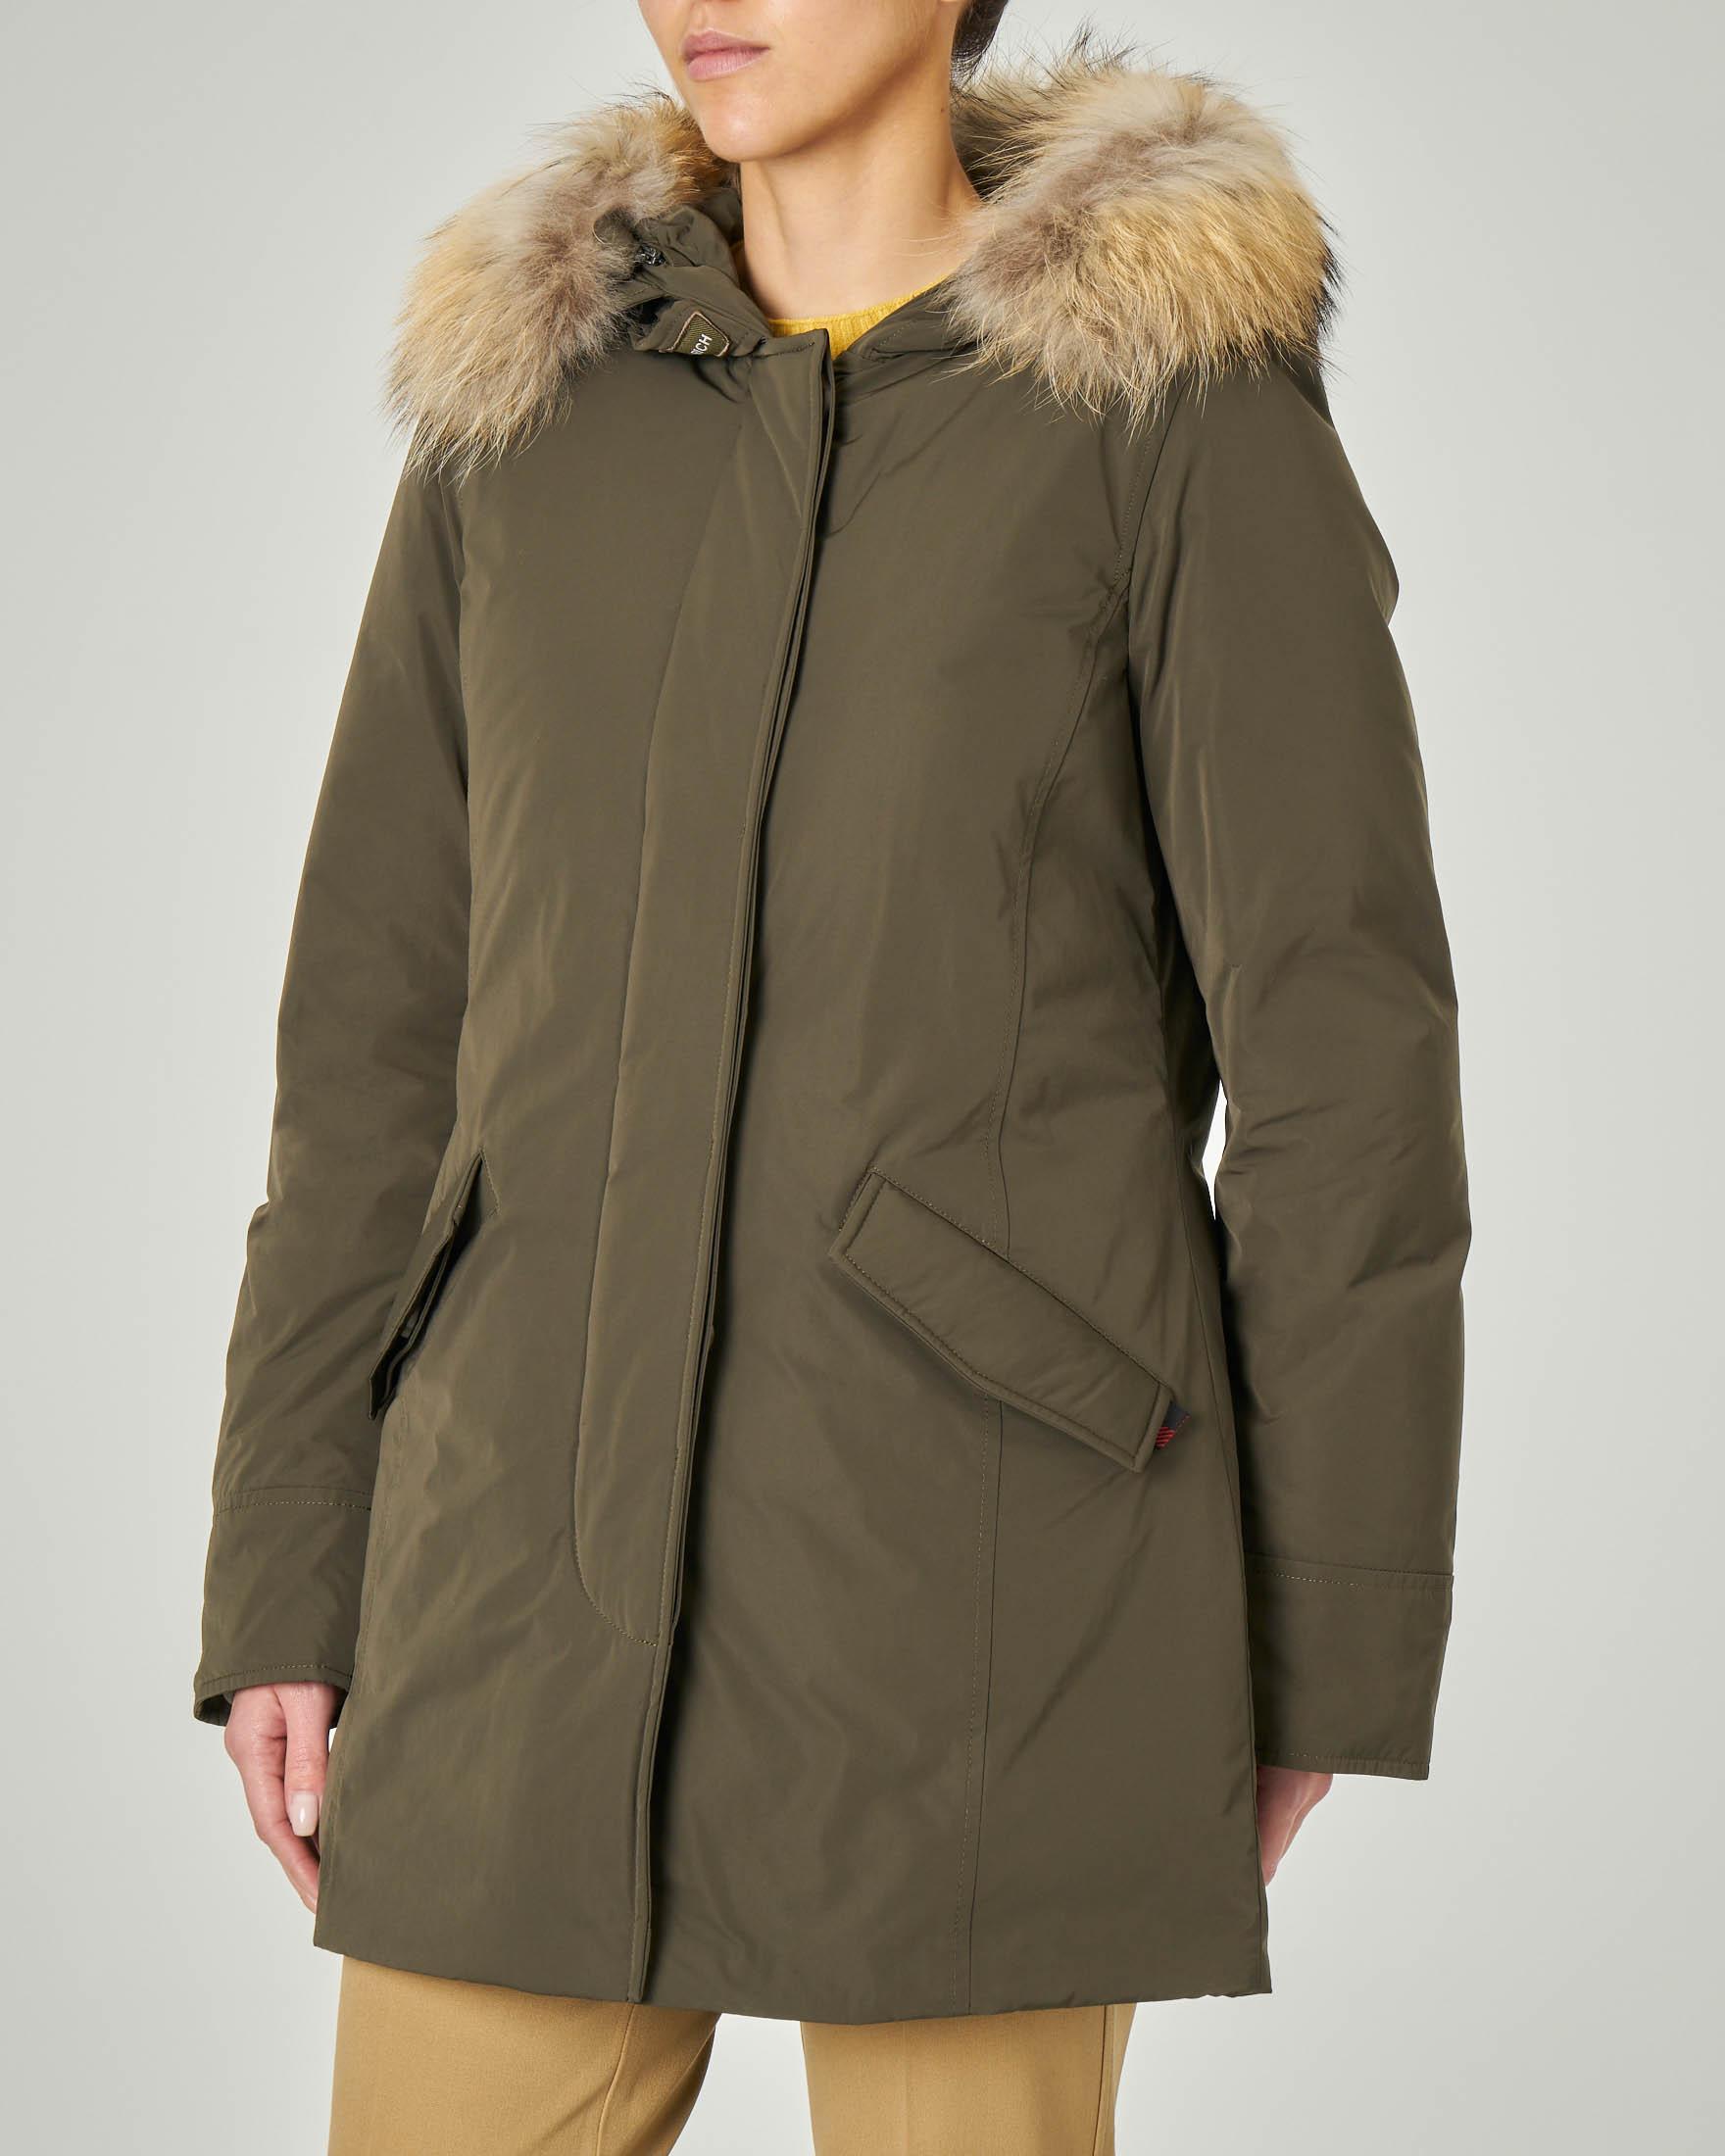 W'S Luxury Arctic Parka verde militare con cappuccio con bordatura in pelliccia staccabile